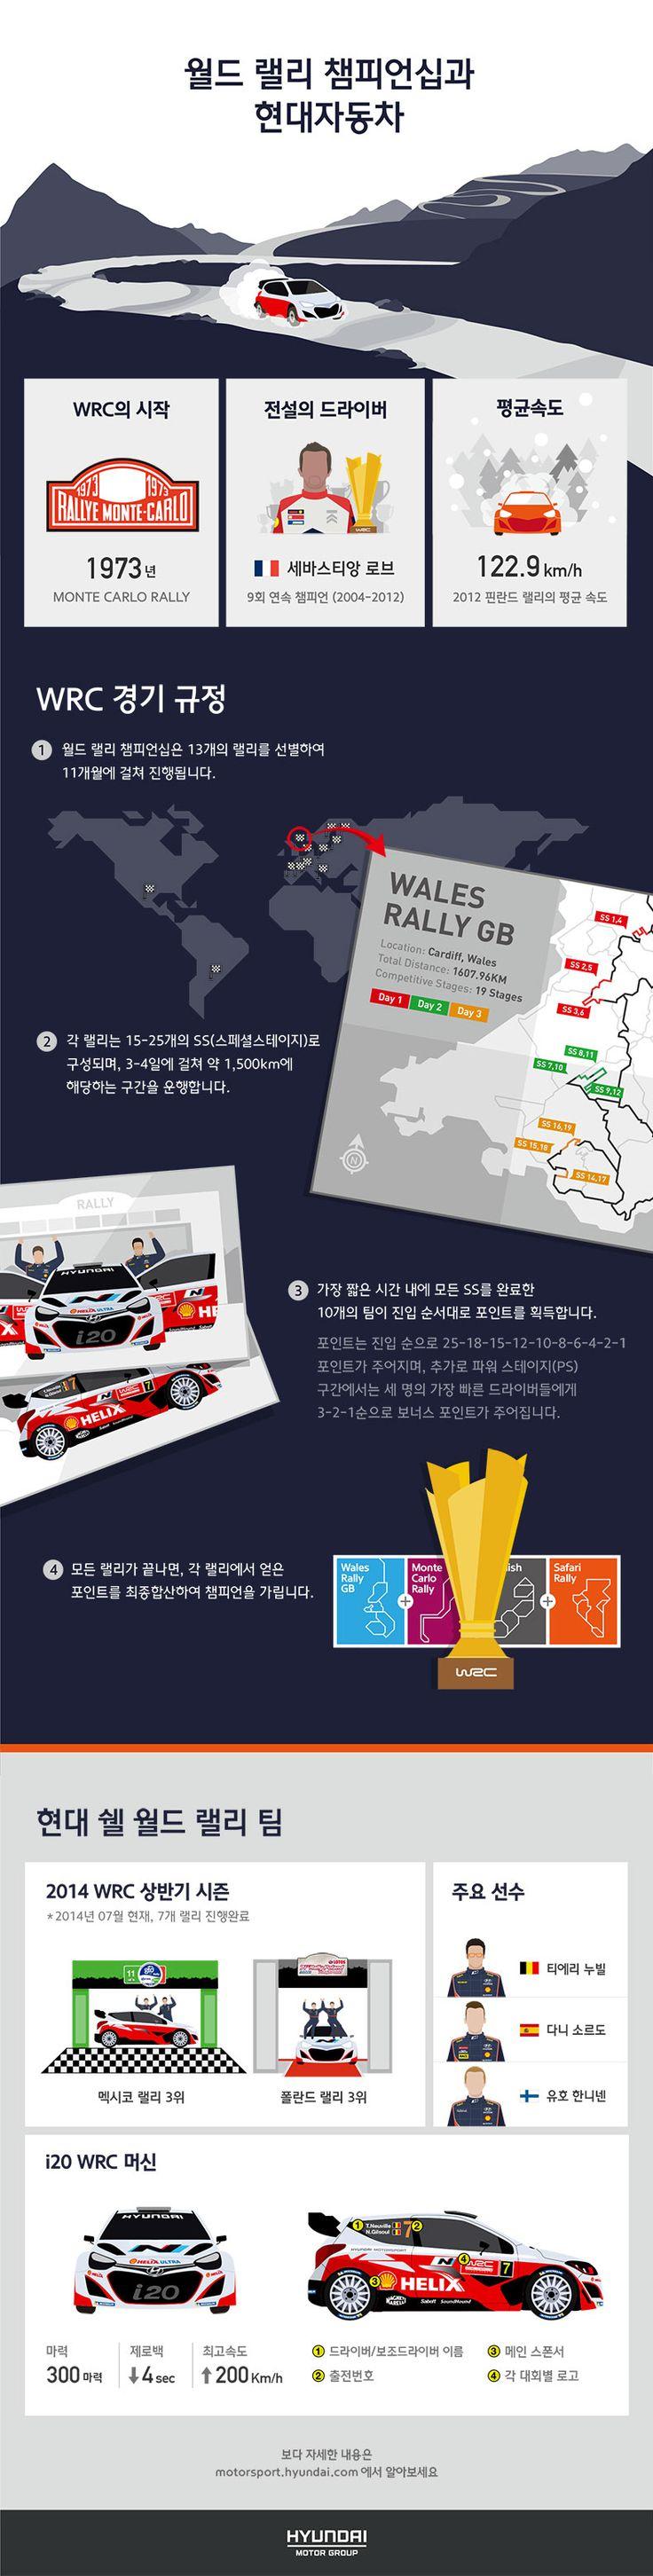 월드 랠리 챔피언쉽과 현대자동차 현대모터스포츠팀  현대 쉘 월드 랠리팀과 현대자동차 i20이 달리는 WRC 대회가 어떤 것인지 인포그래픽으로 소개 해 드립니다.  hyundaimotorgroup inforgraphic